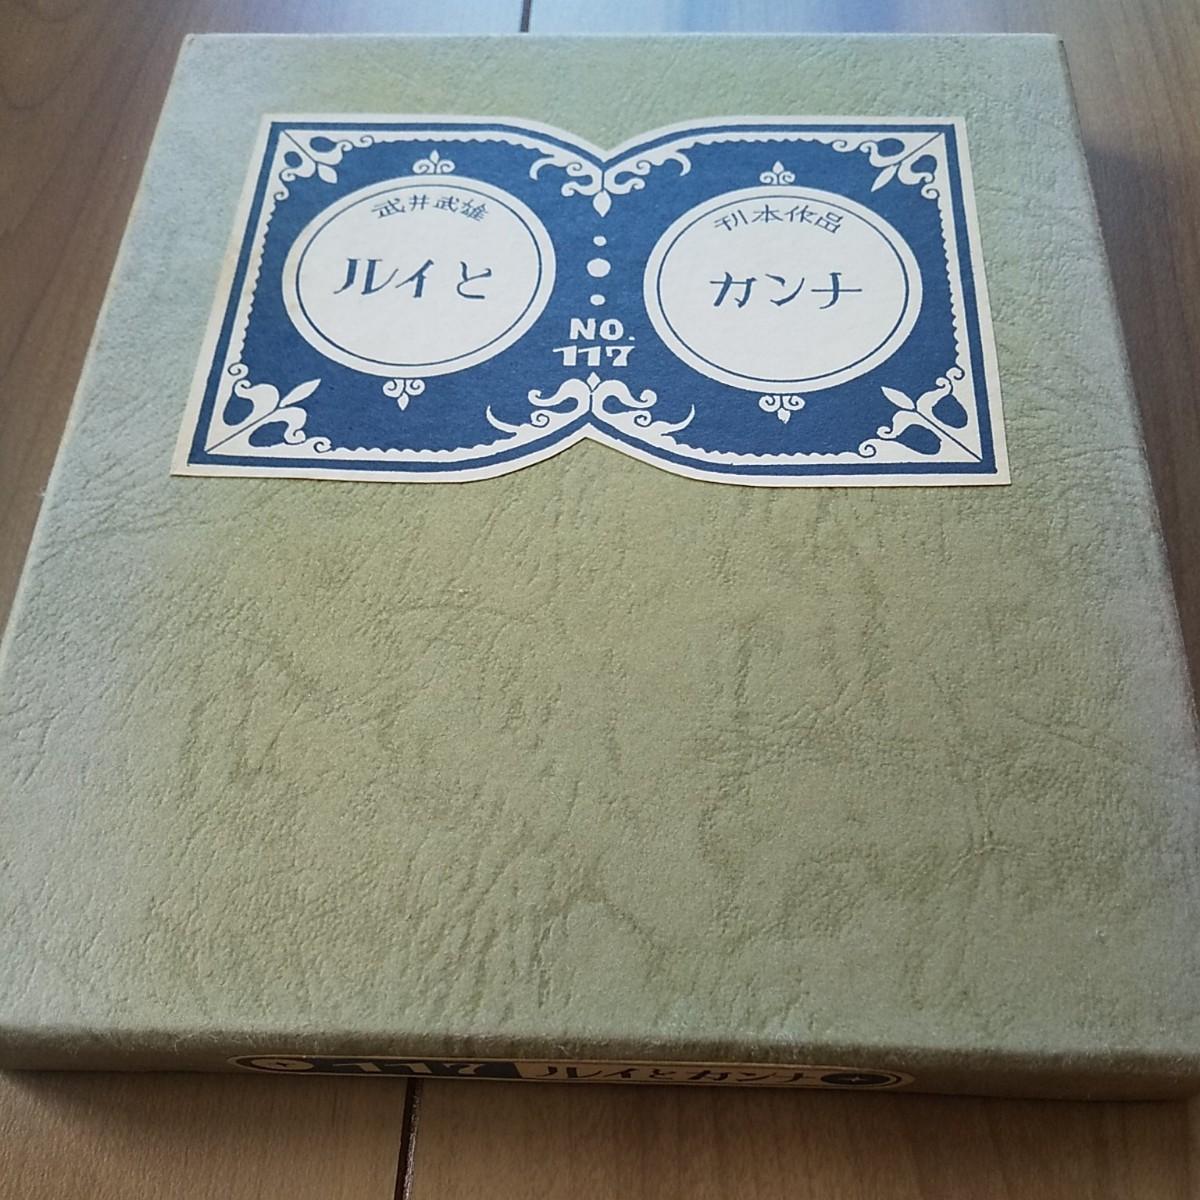 版画家 武井武雄 豆本 No.117 ルイとカンナ